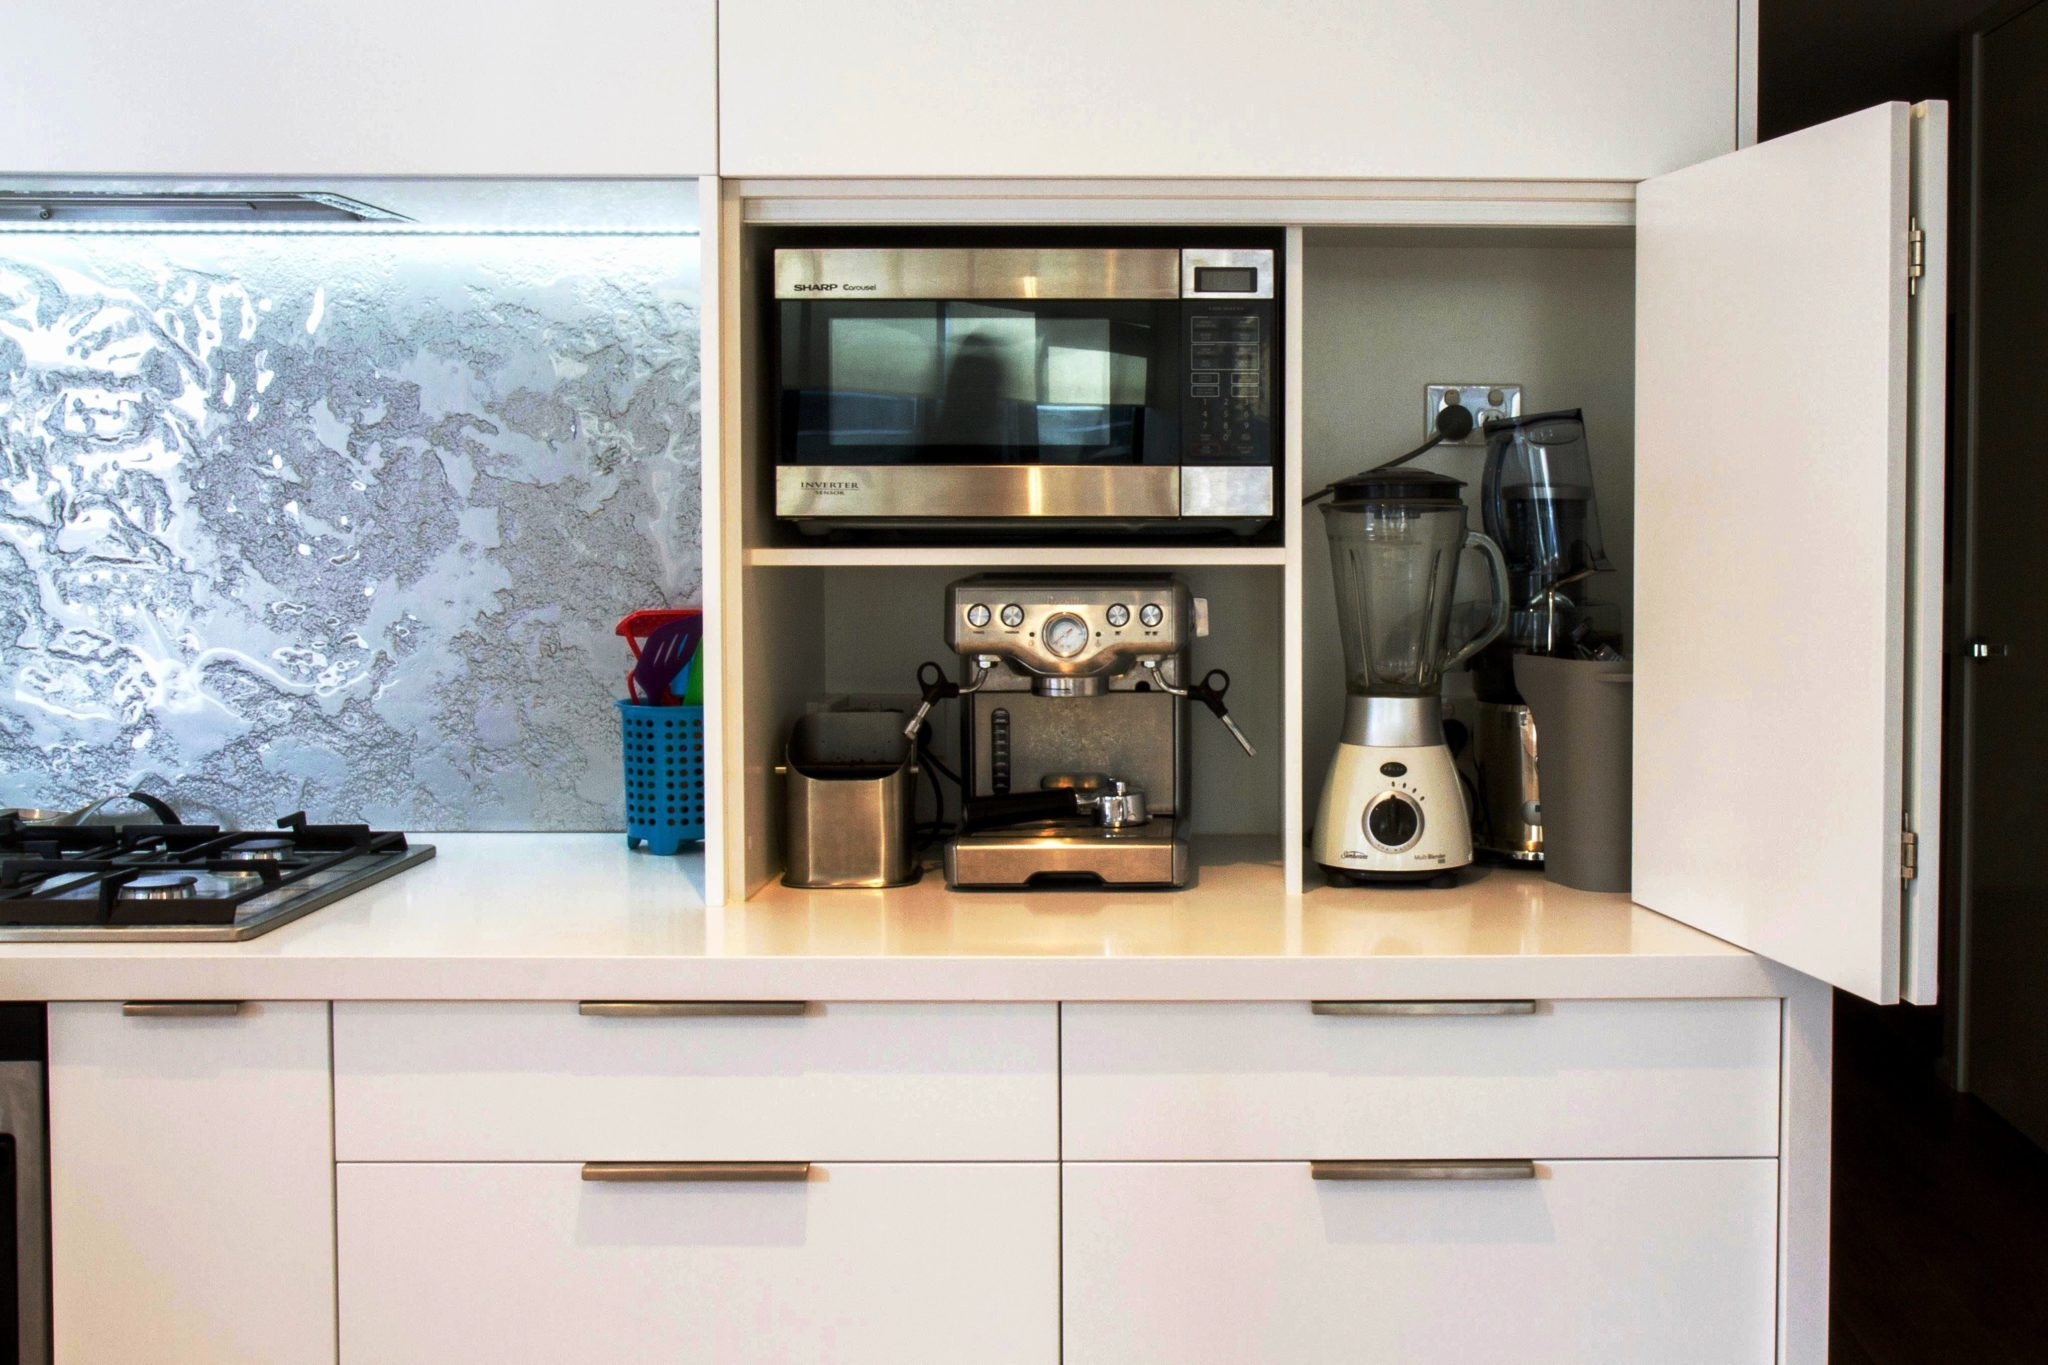 Маленькая кухня: дизайн и планировка, выбор цвета и стиля